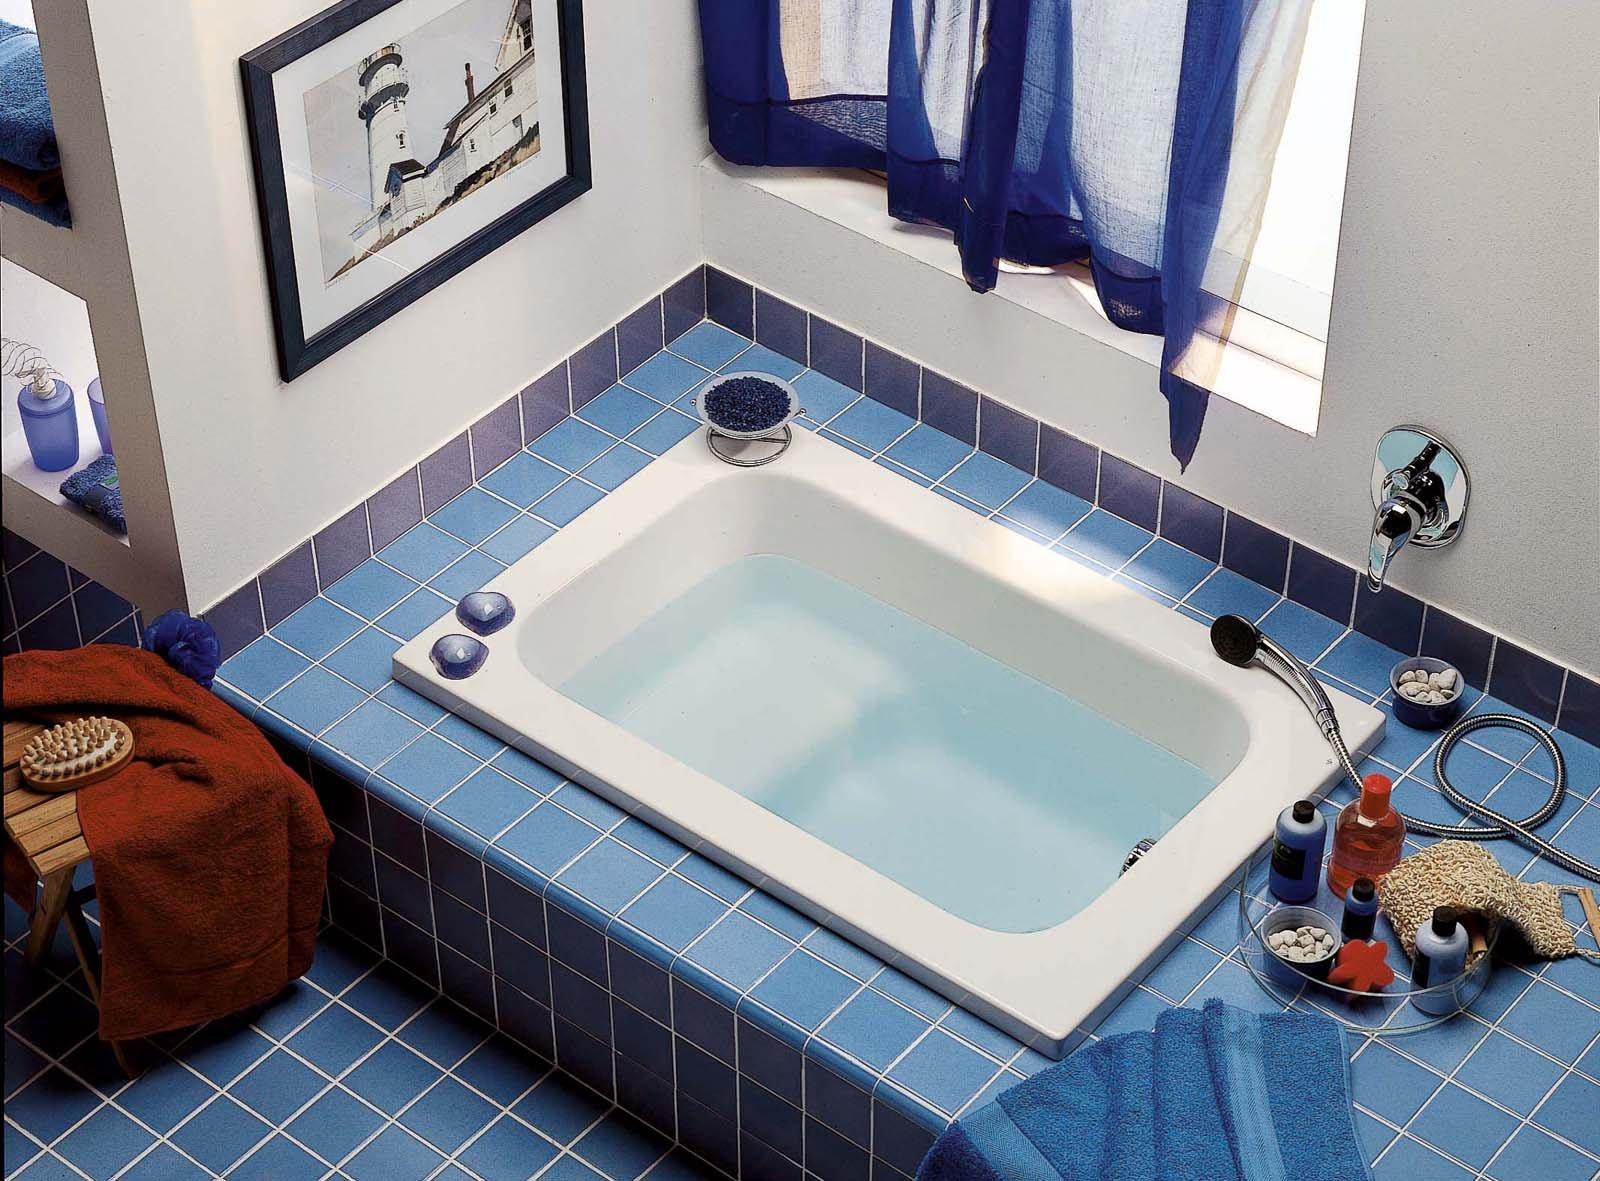 Vasca Da Bagno Misura Piccola : Vasche da bagno piccole cose di casa